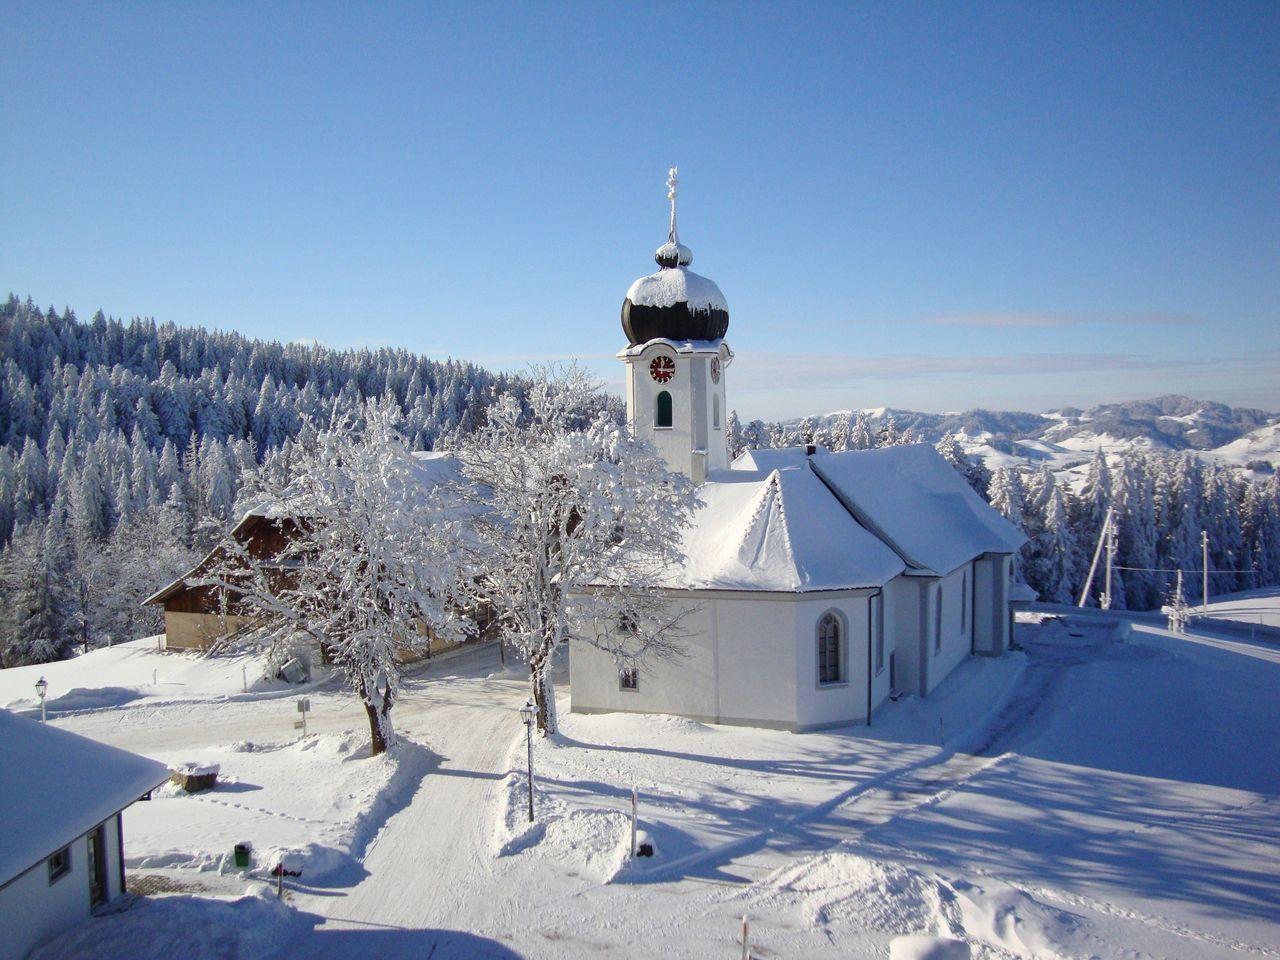 Schneeschuhtrail Heiligkreuz - Kleine First - First